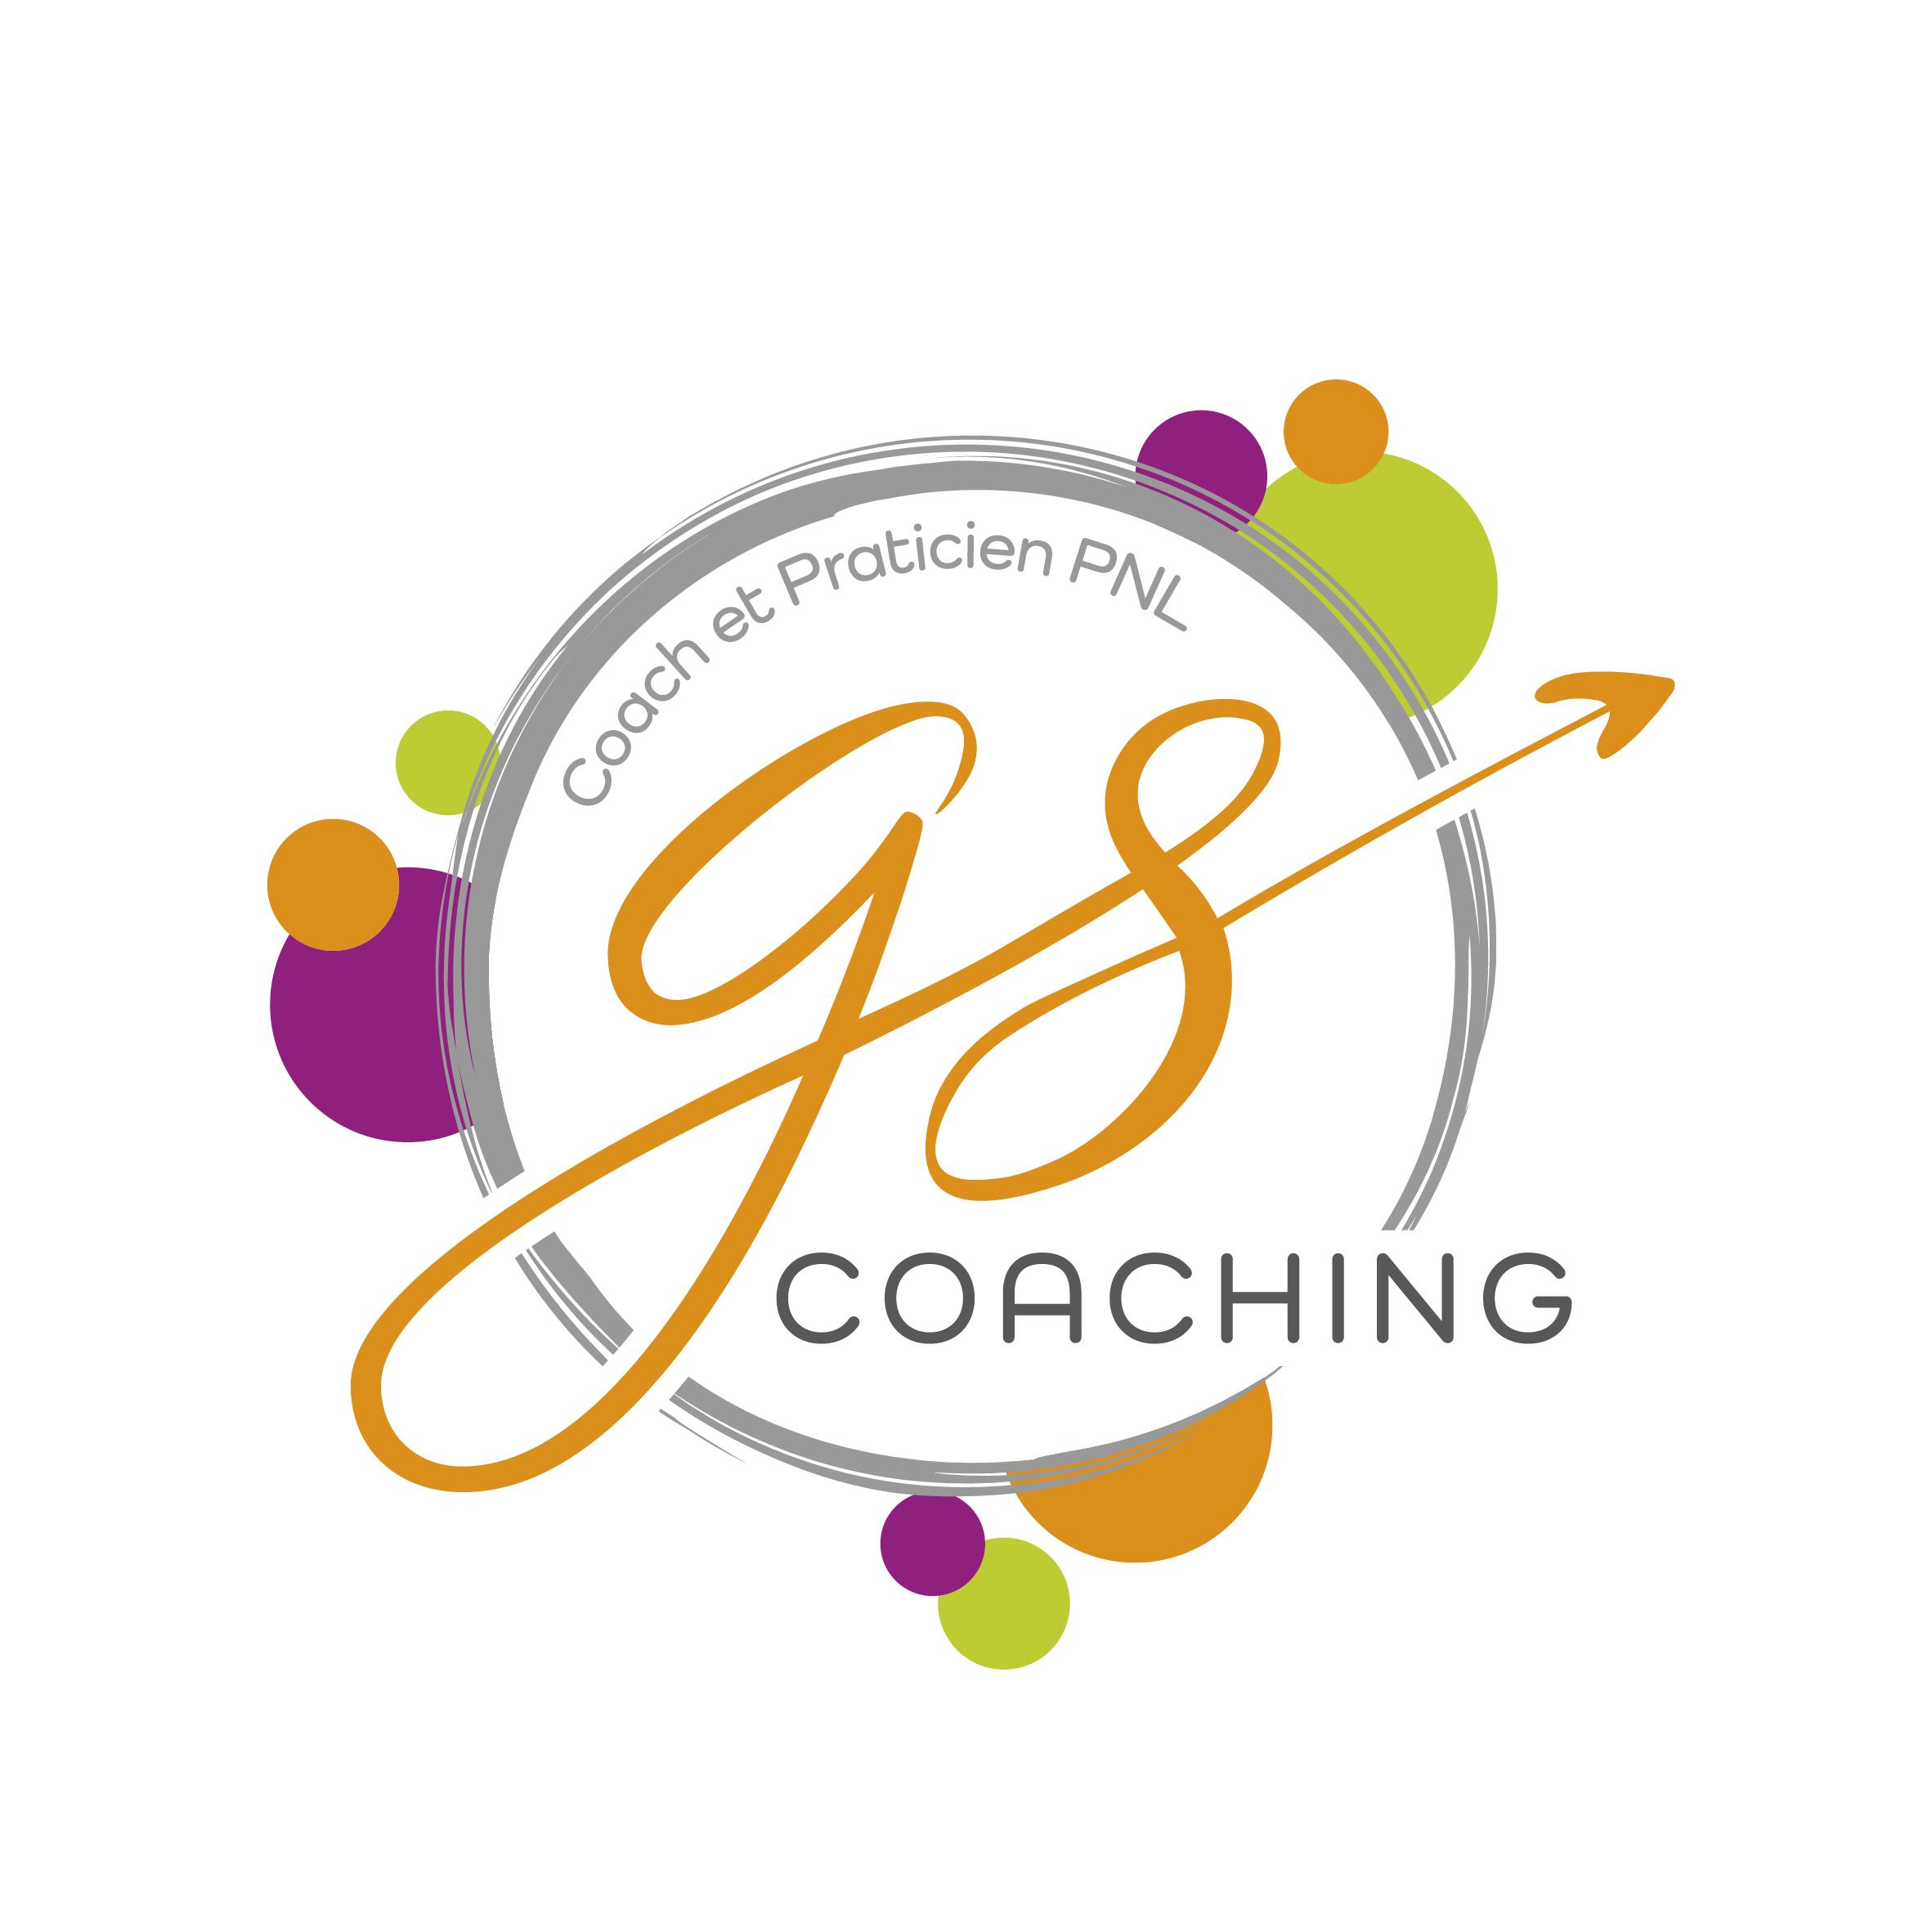 GS Coaching